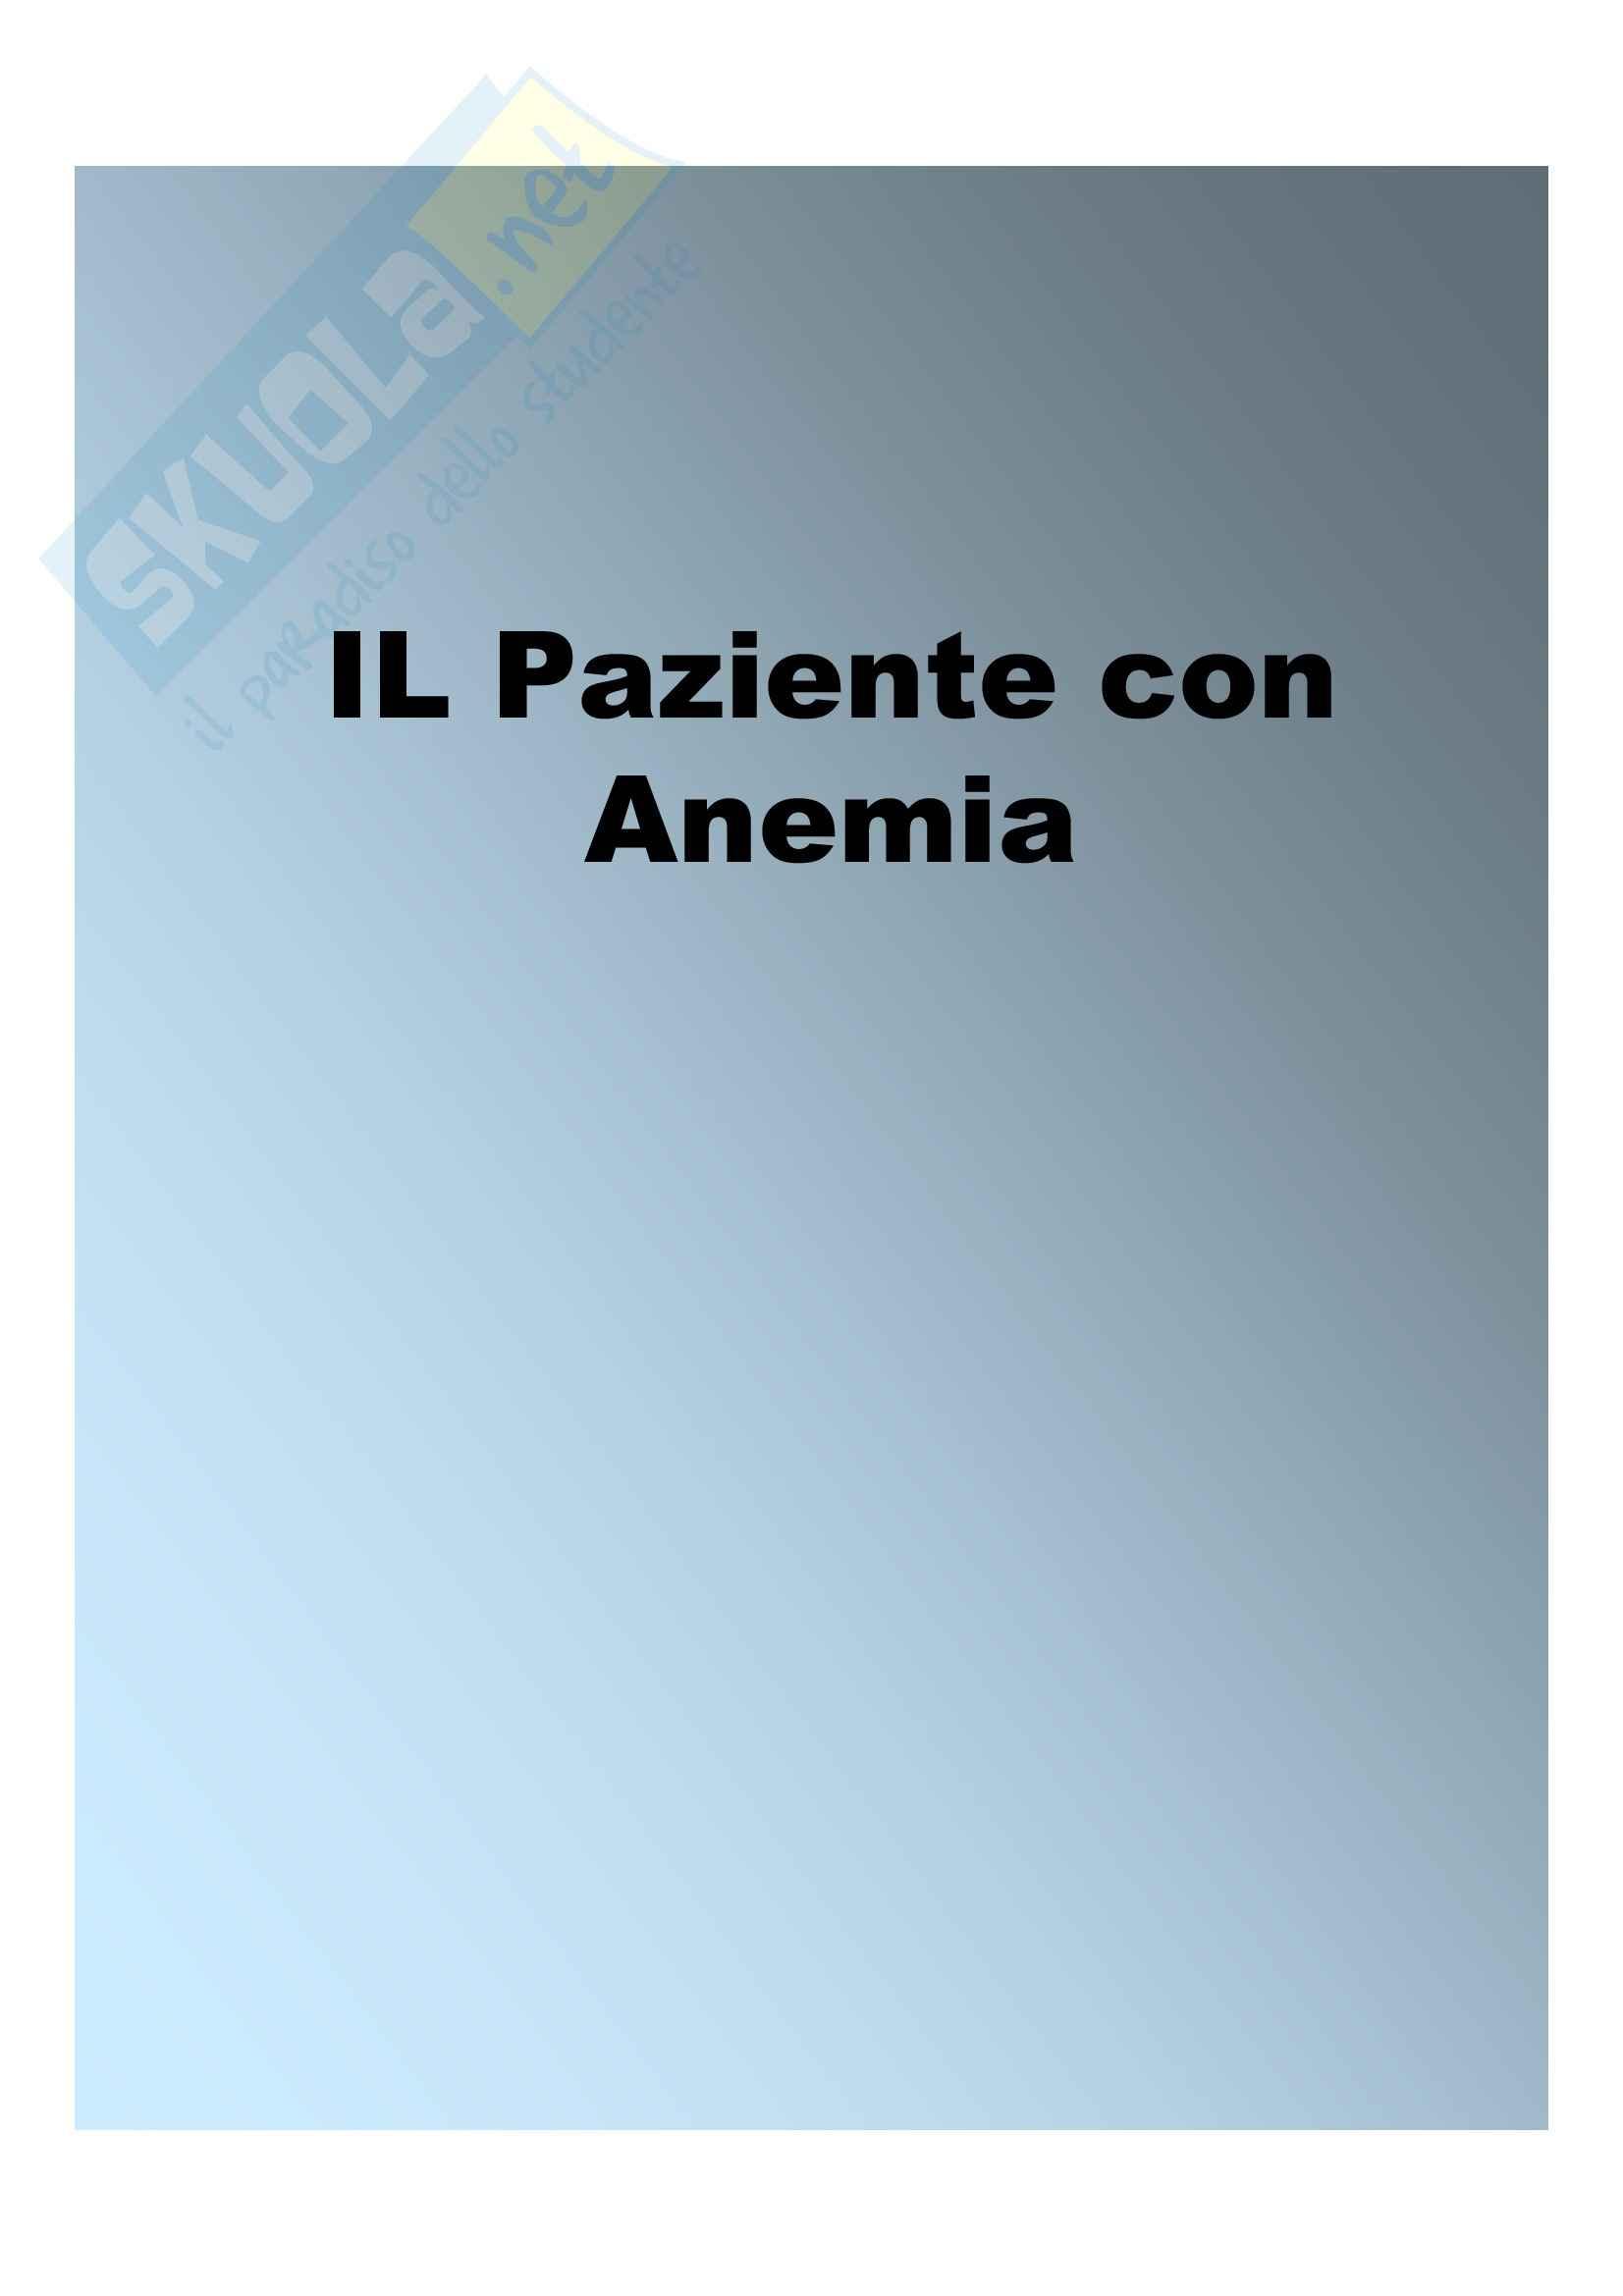 Medicina interna - pazienti con anemia